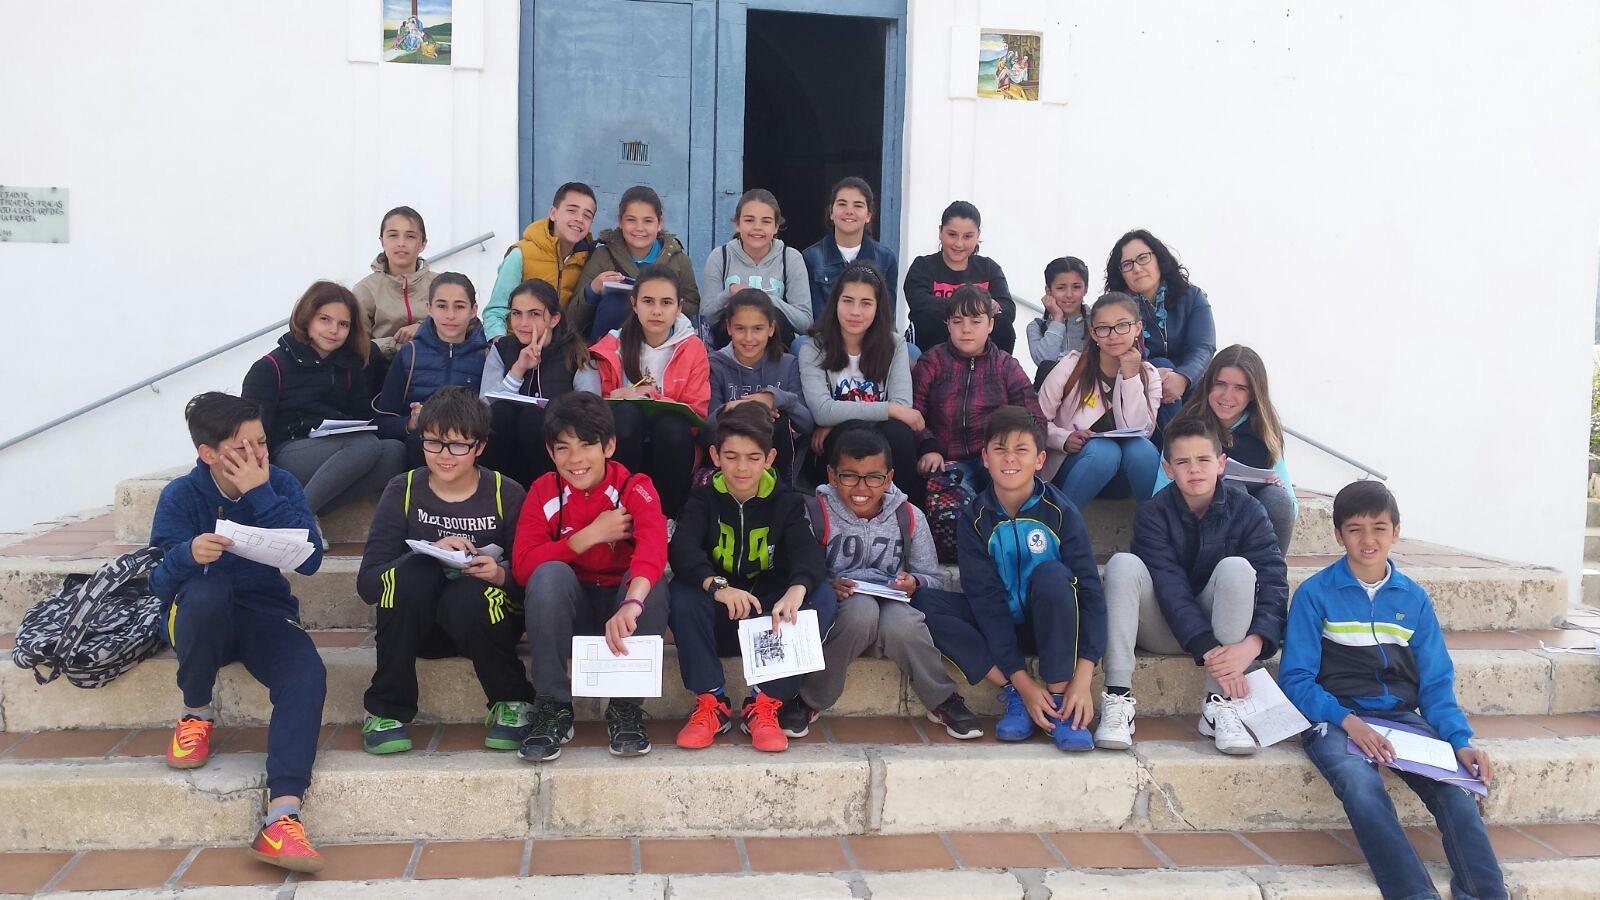 (2017-03-31) - Visita ermita alumnos Pilar, profesora religión 9 Octubre - Marzo -  María Isabel Berenguer Brotons (03)